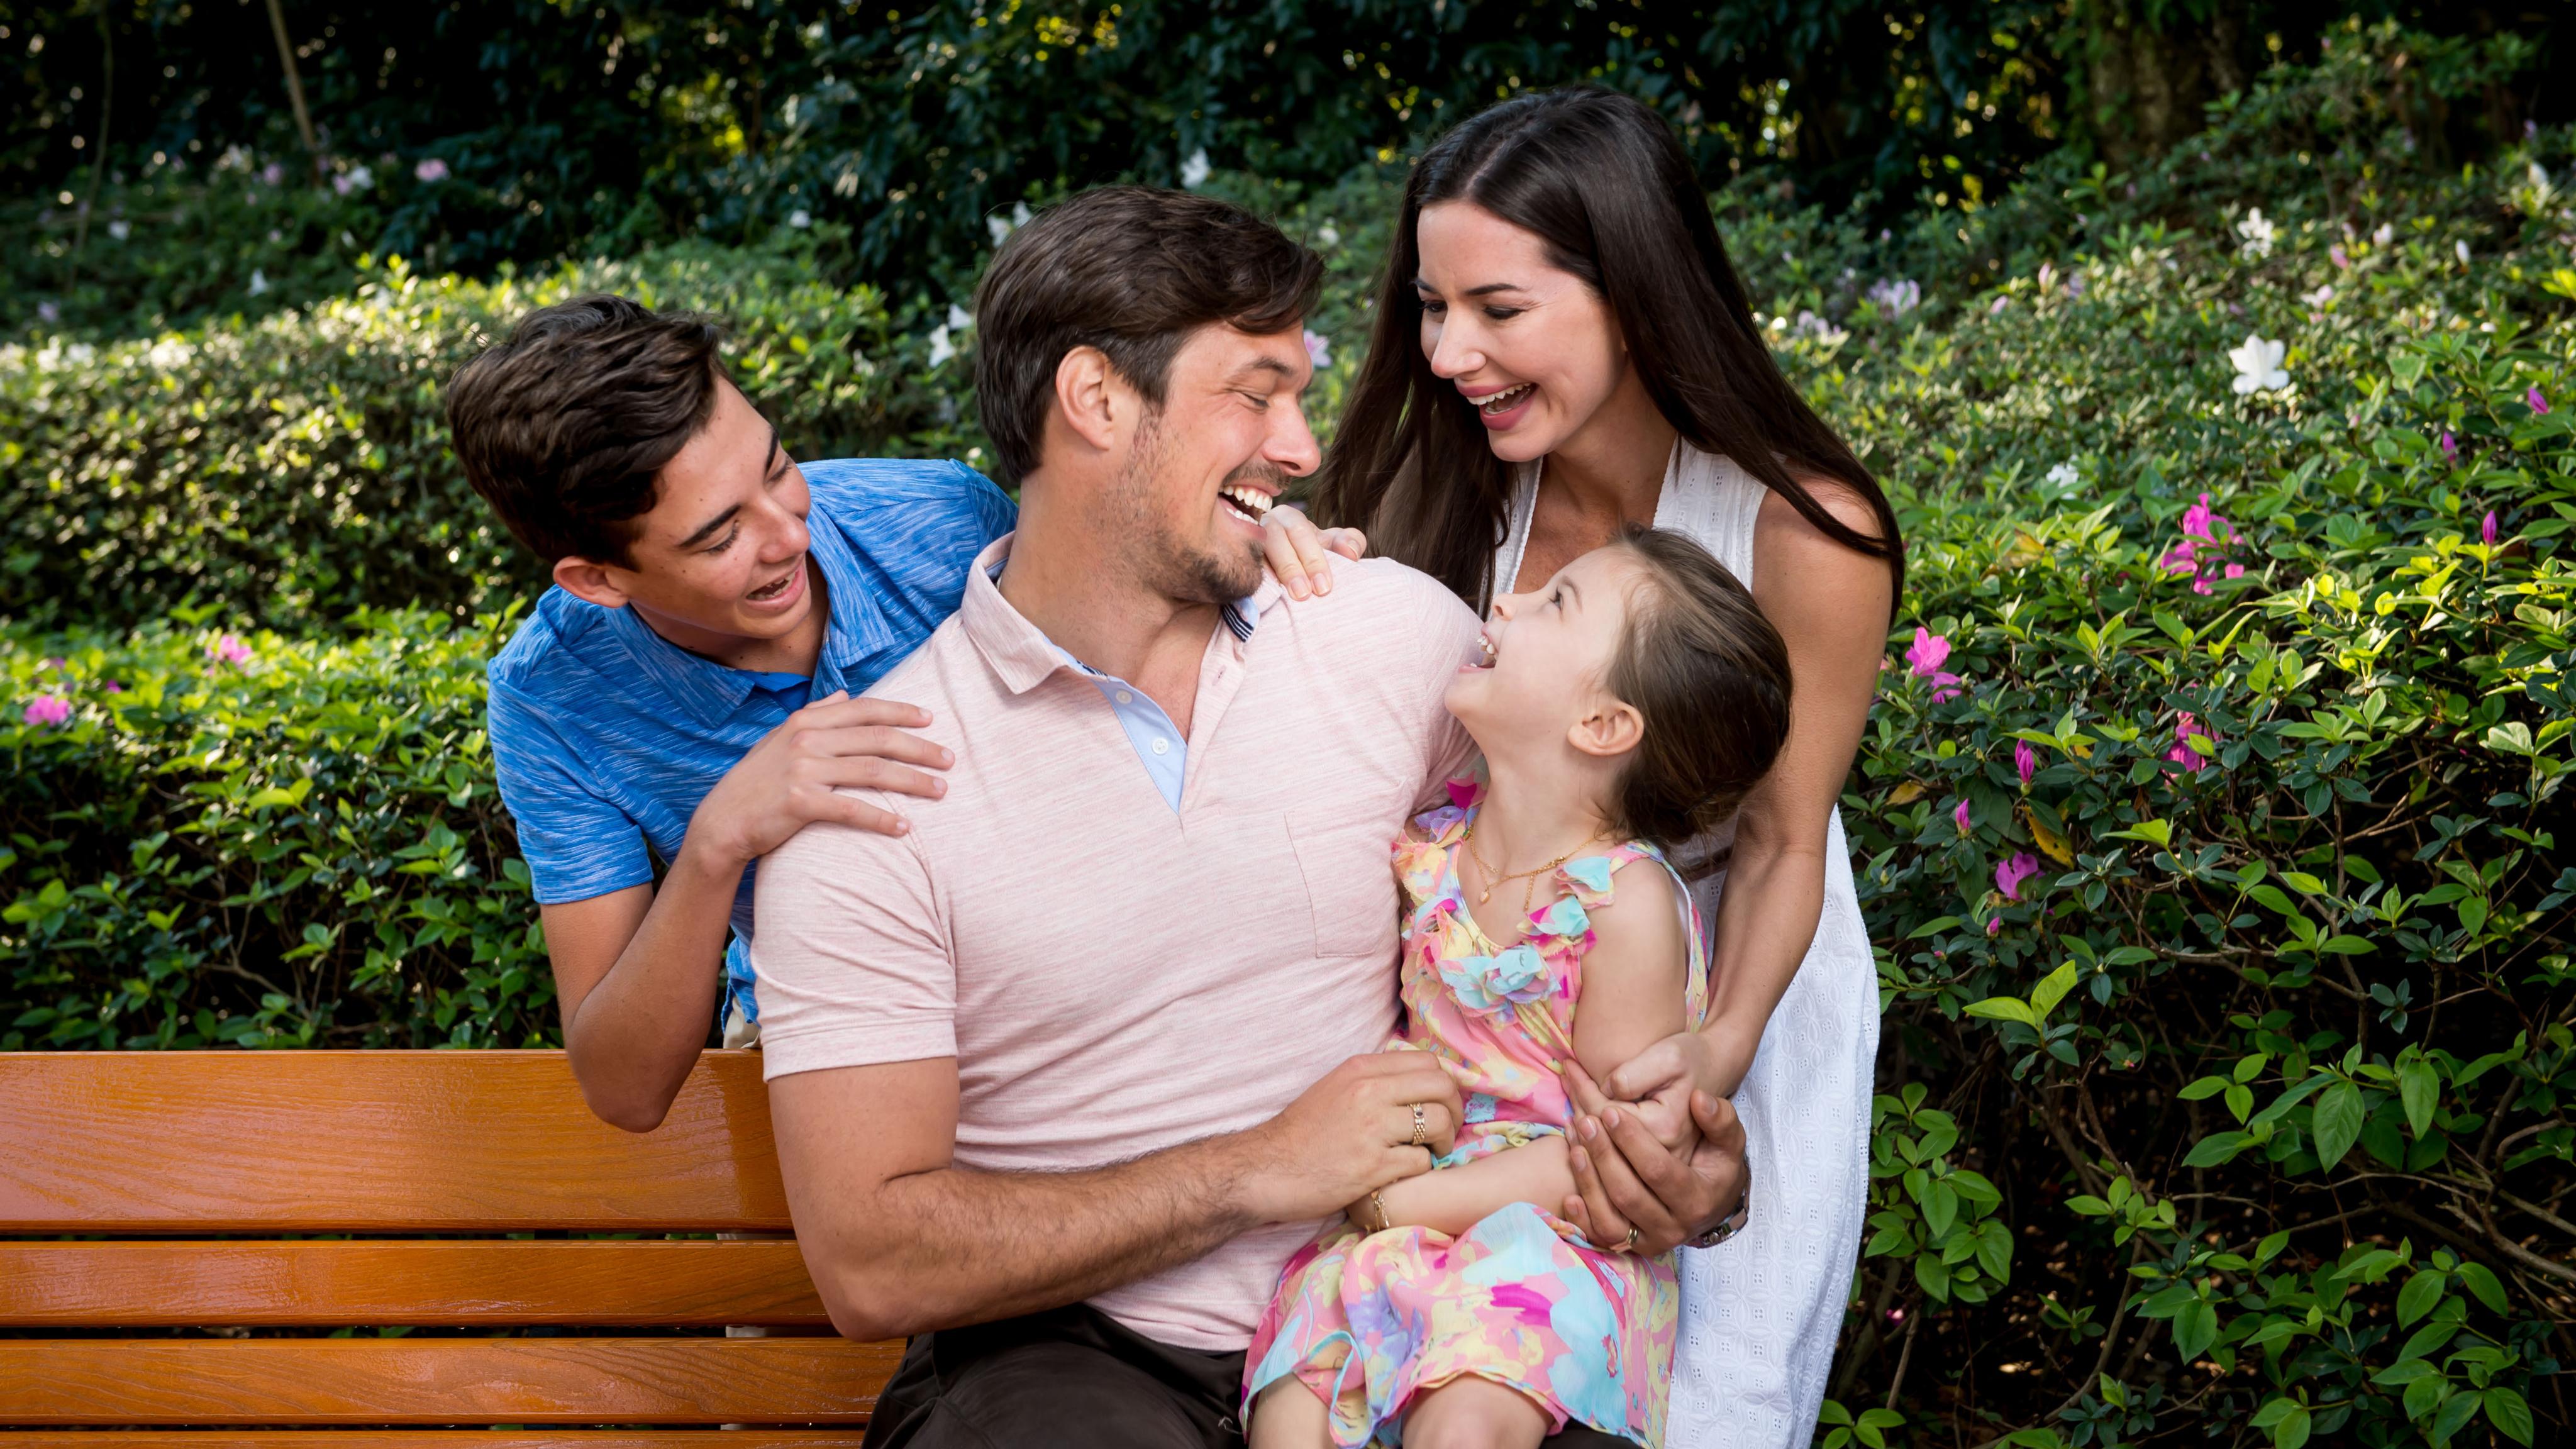 Una niña pequeña está sentada en la falda de su padre, y su madre y su hermano están parados junto al banco, todos rodeados de árboles